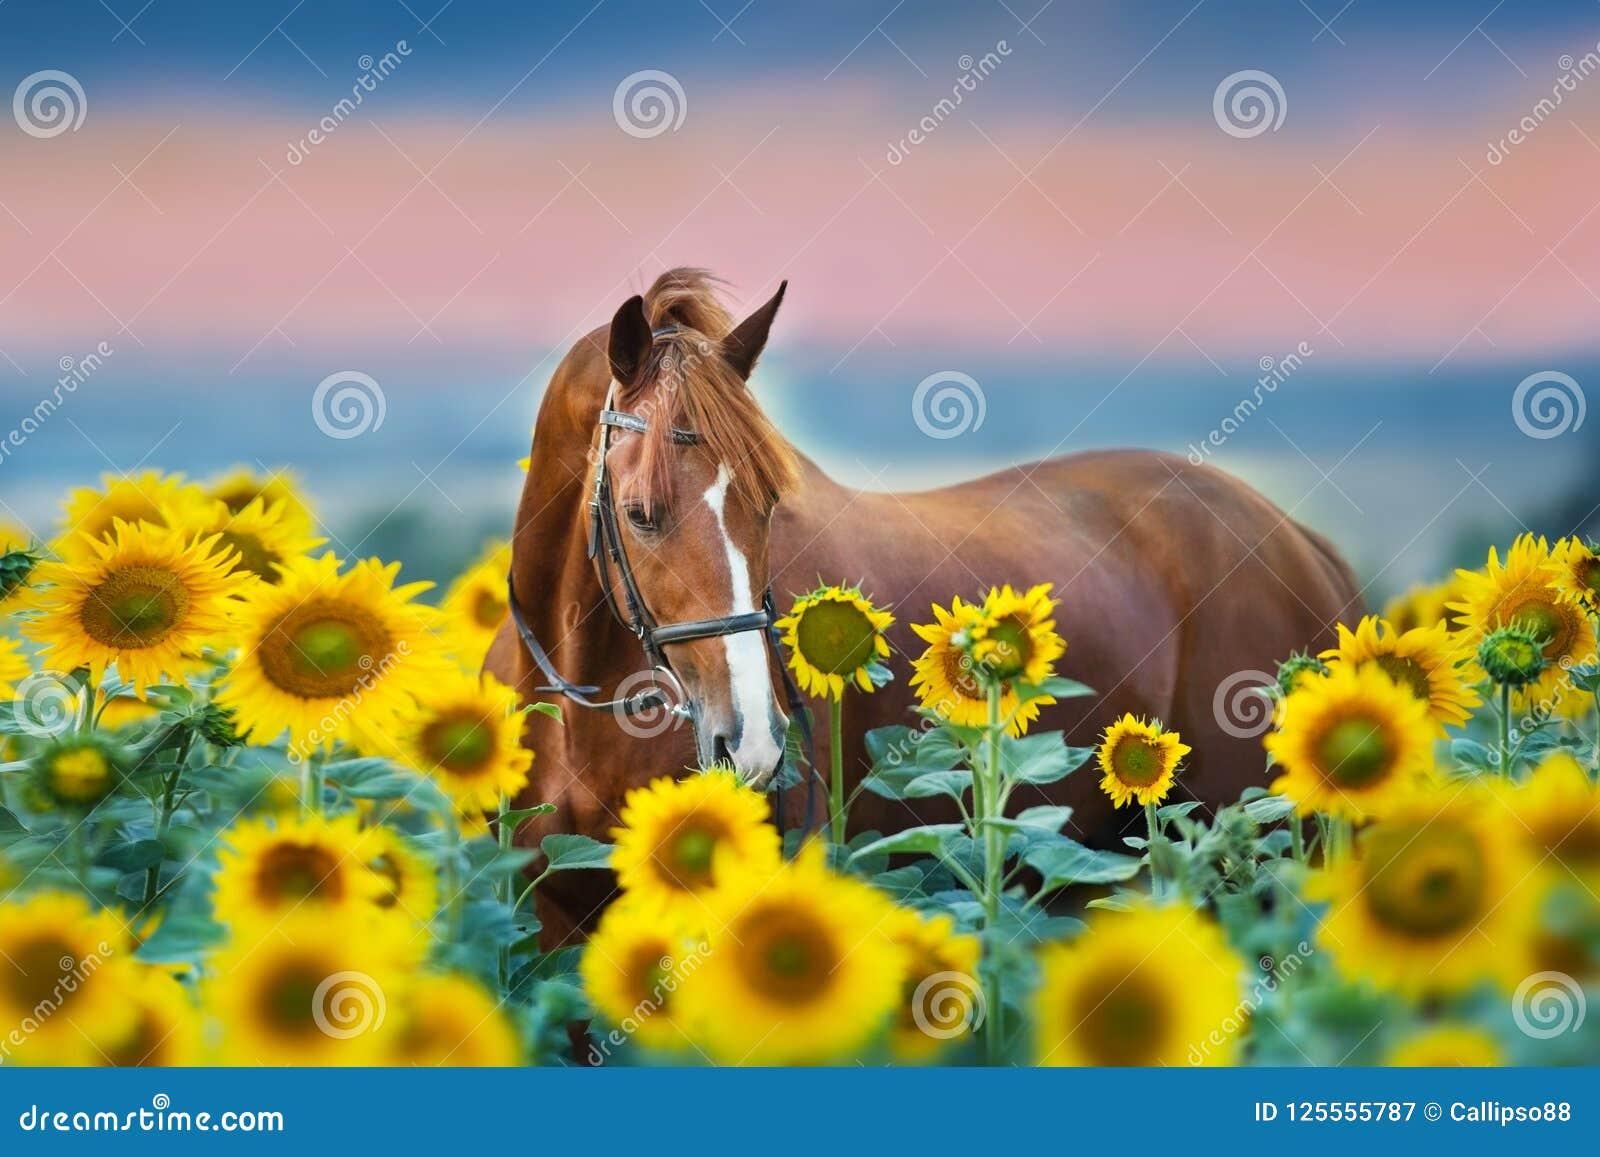 Cavallo in briglia in girasoli